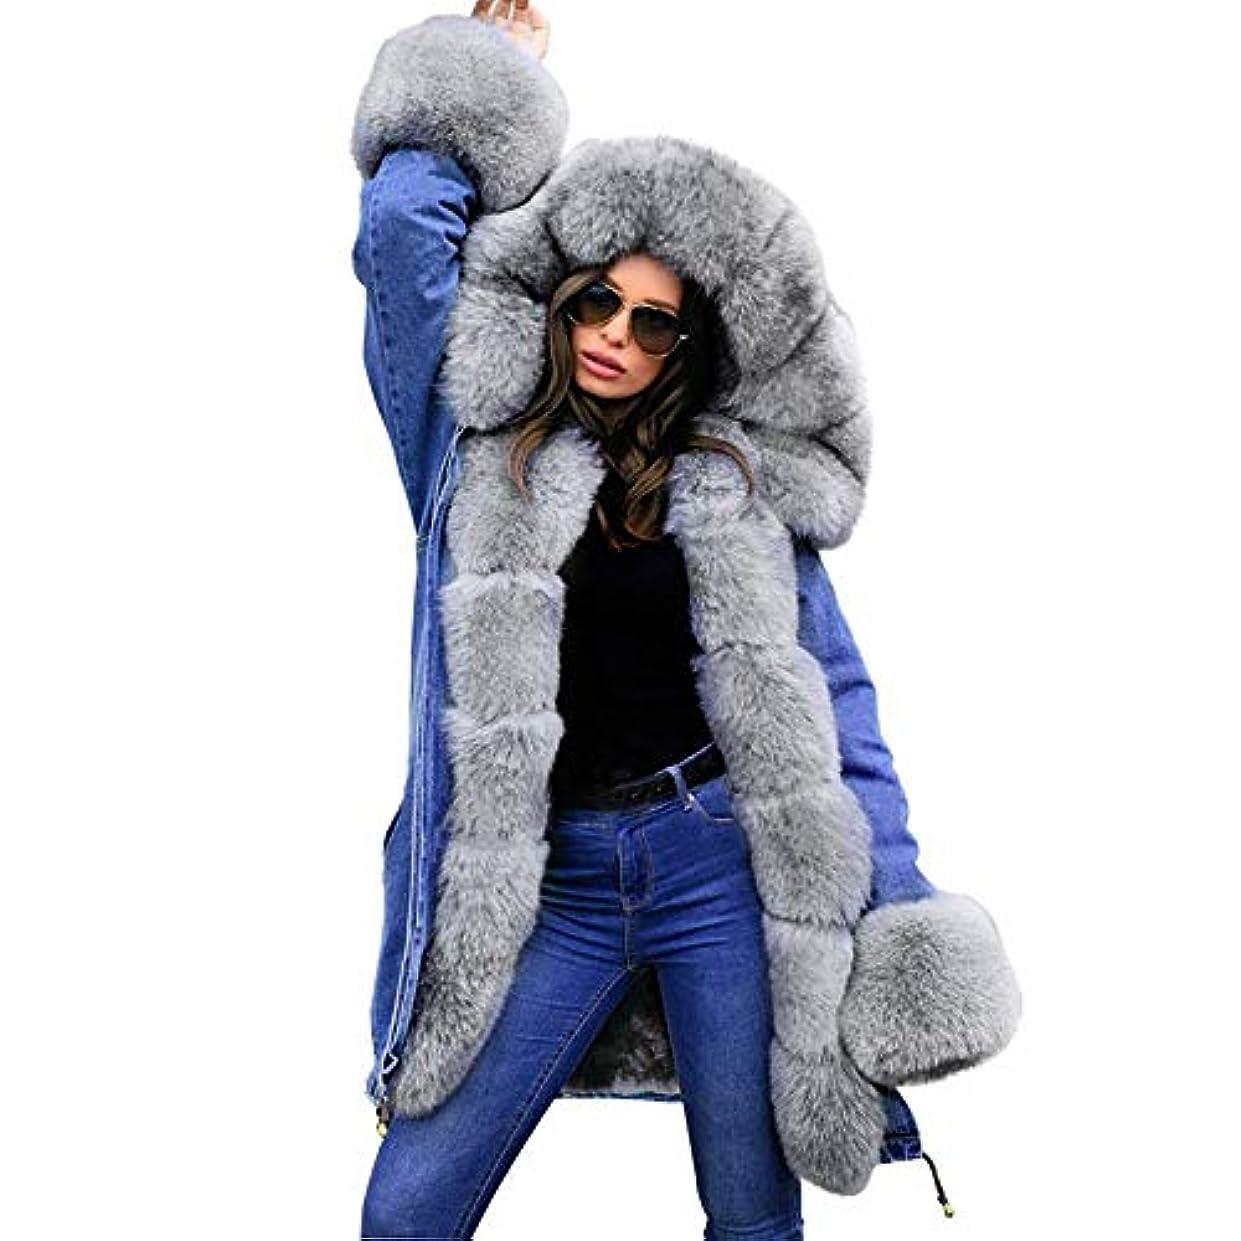 シュート援助想像力豊かな冬の女性のフード付きコートの毛皮の襟暖かいロングコートの女性の冬のジャケット女性のアウター,S